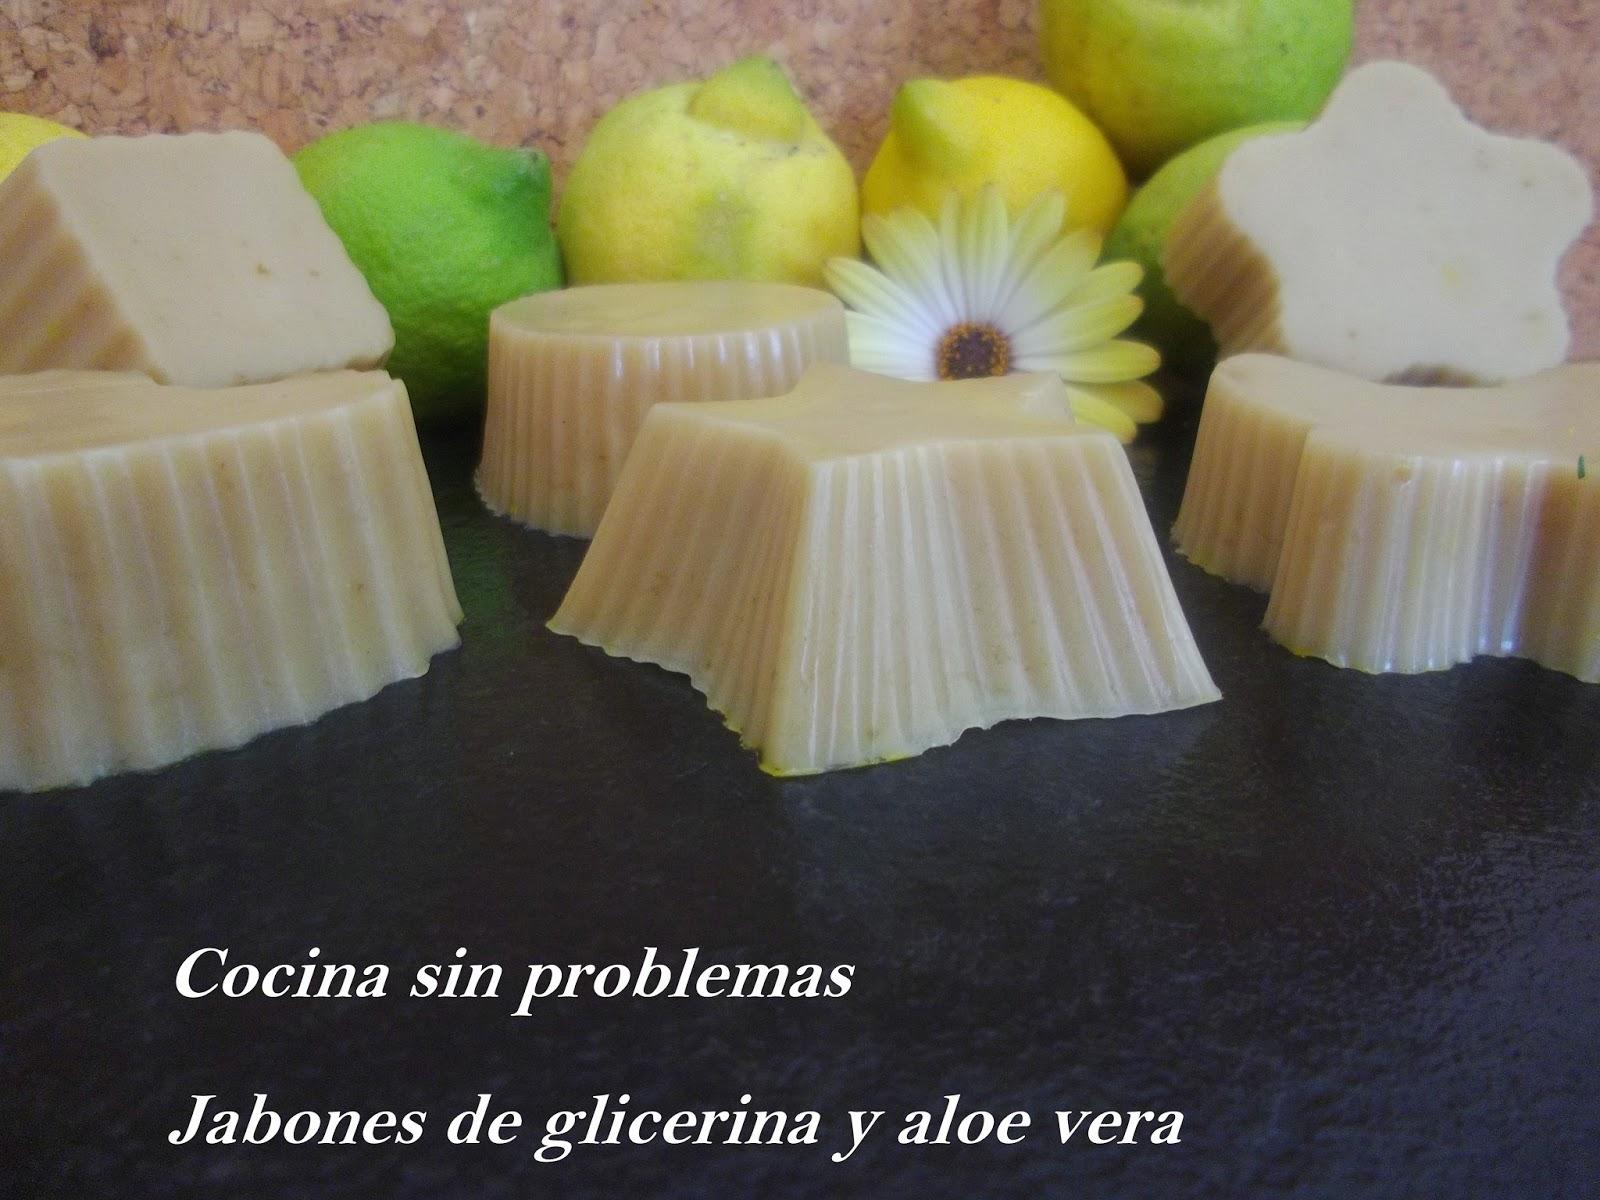 Cocina sin problemas jabones de glicerina y aloe vera - Como se hace el jabon de glicerina ...